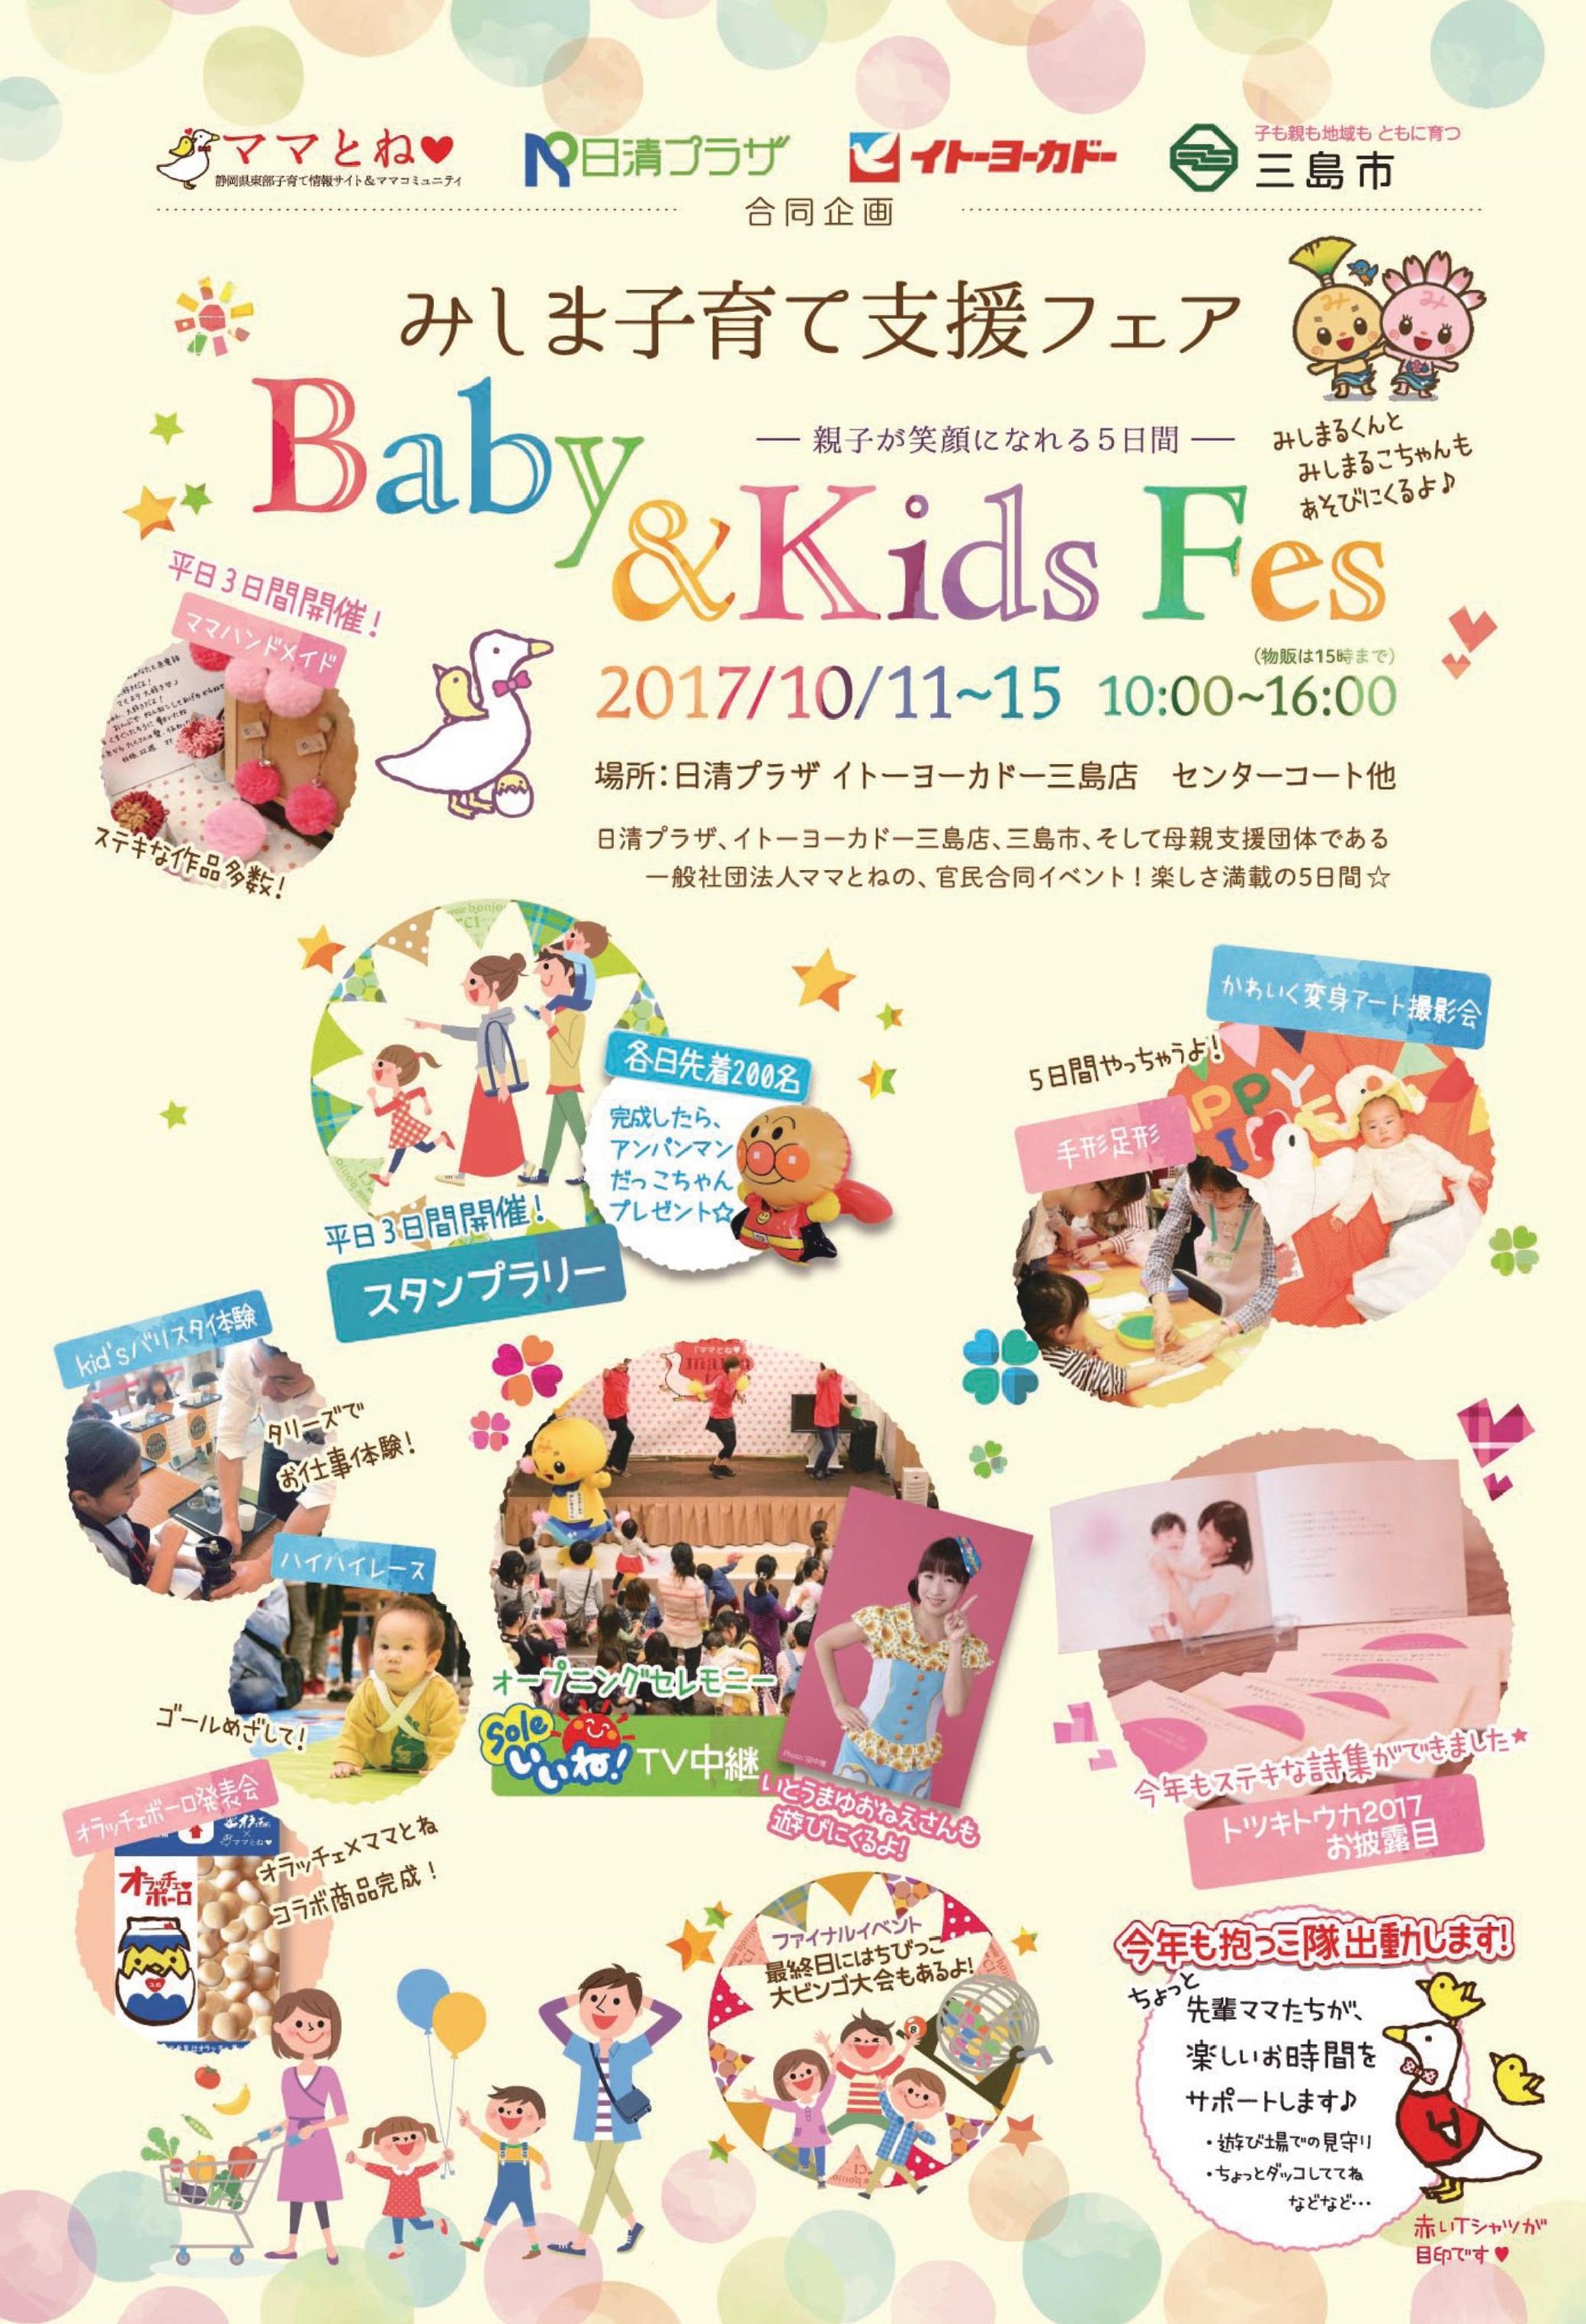 今年もやります!【 みしま子育て支援フェア 】Baby&Kids Fes ~ 親子が笑顔になれる5日間~